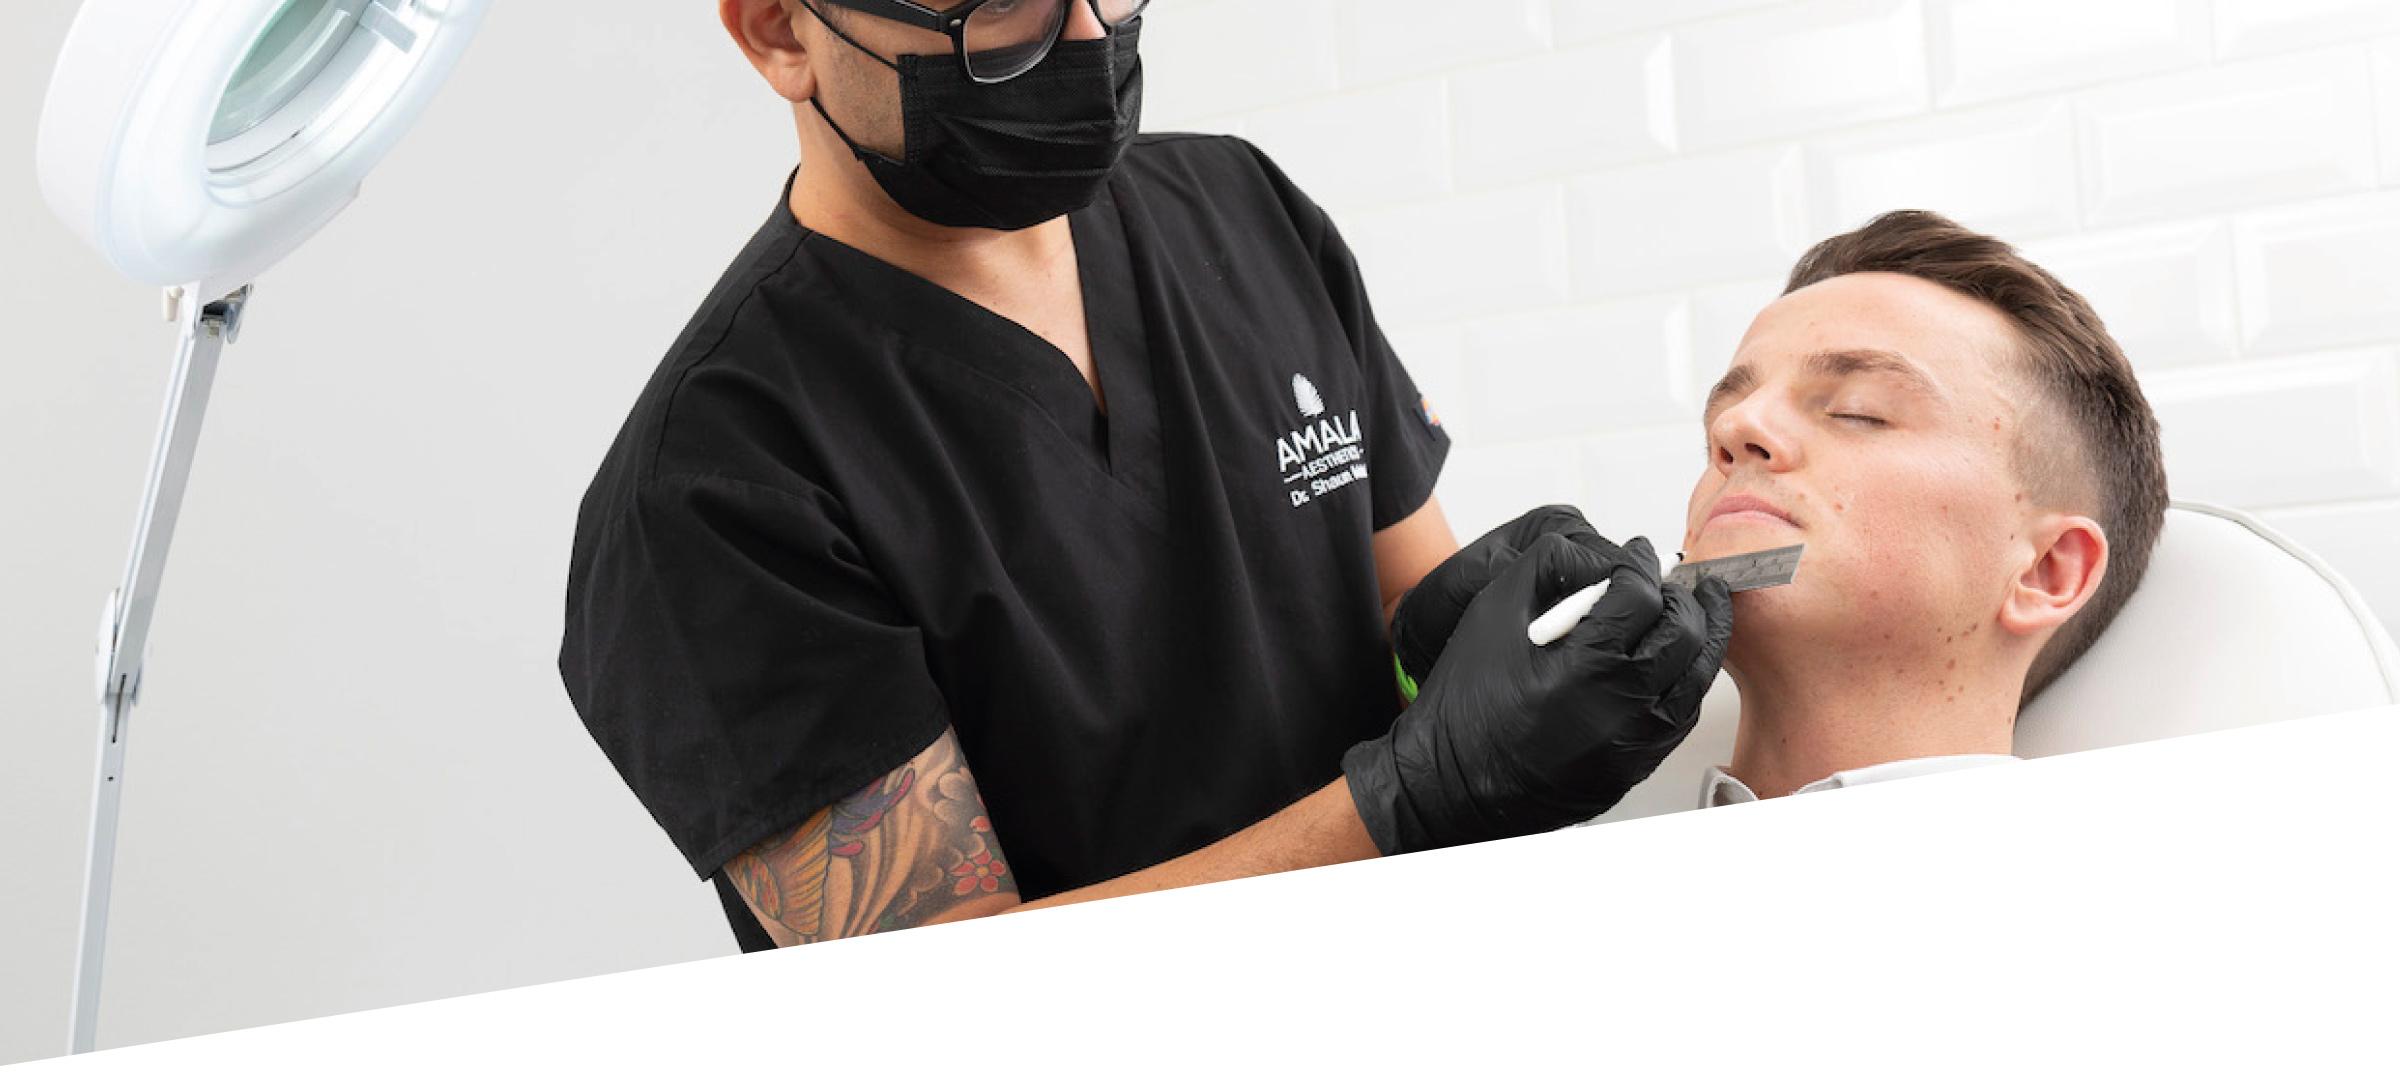 Amala men's treatments